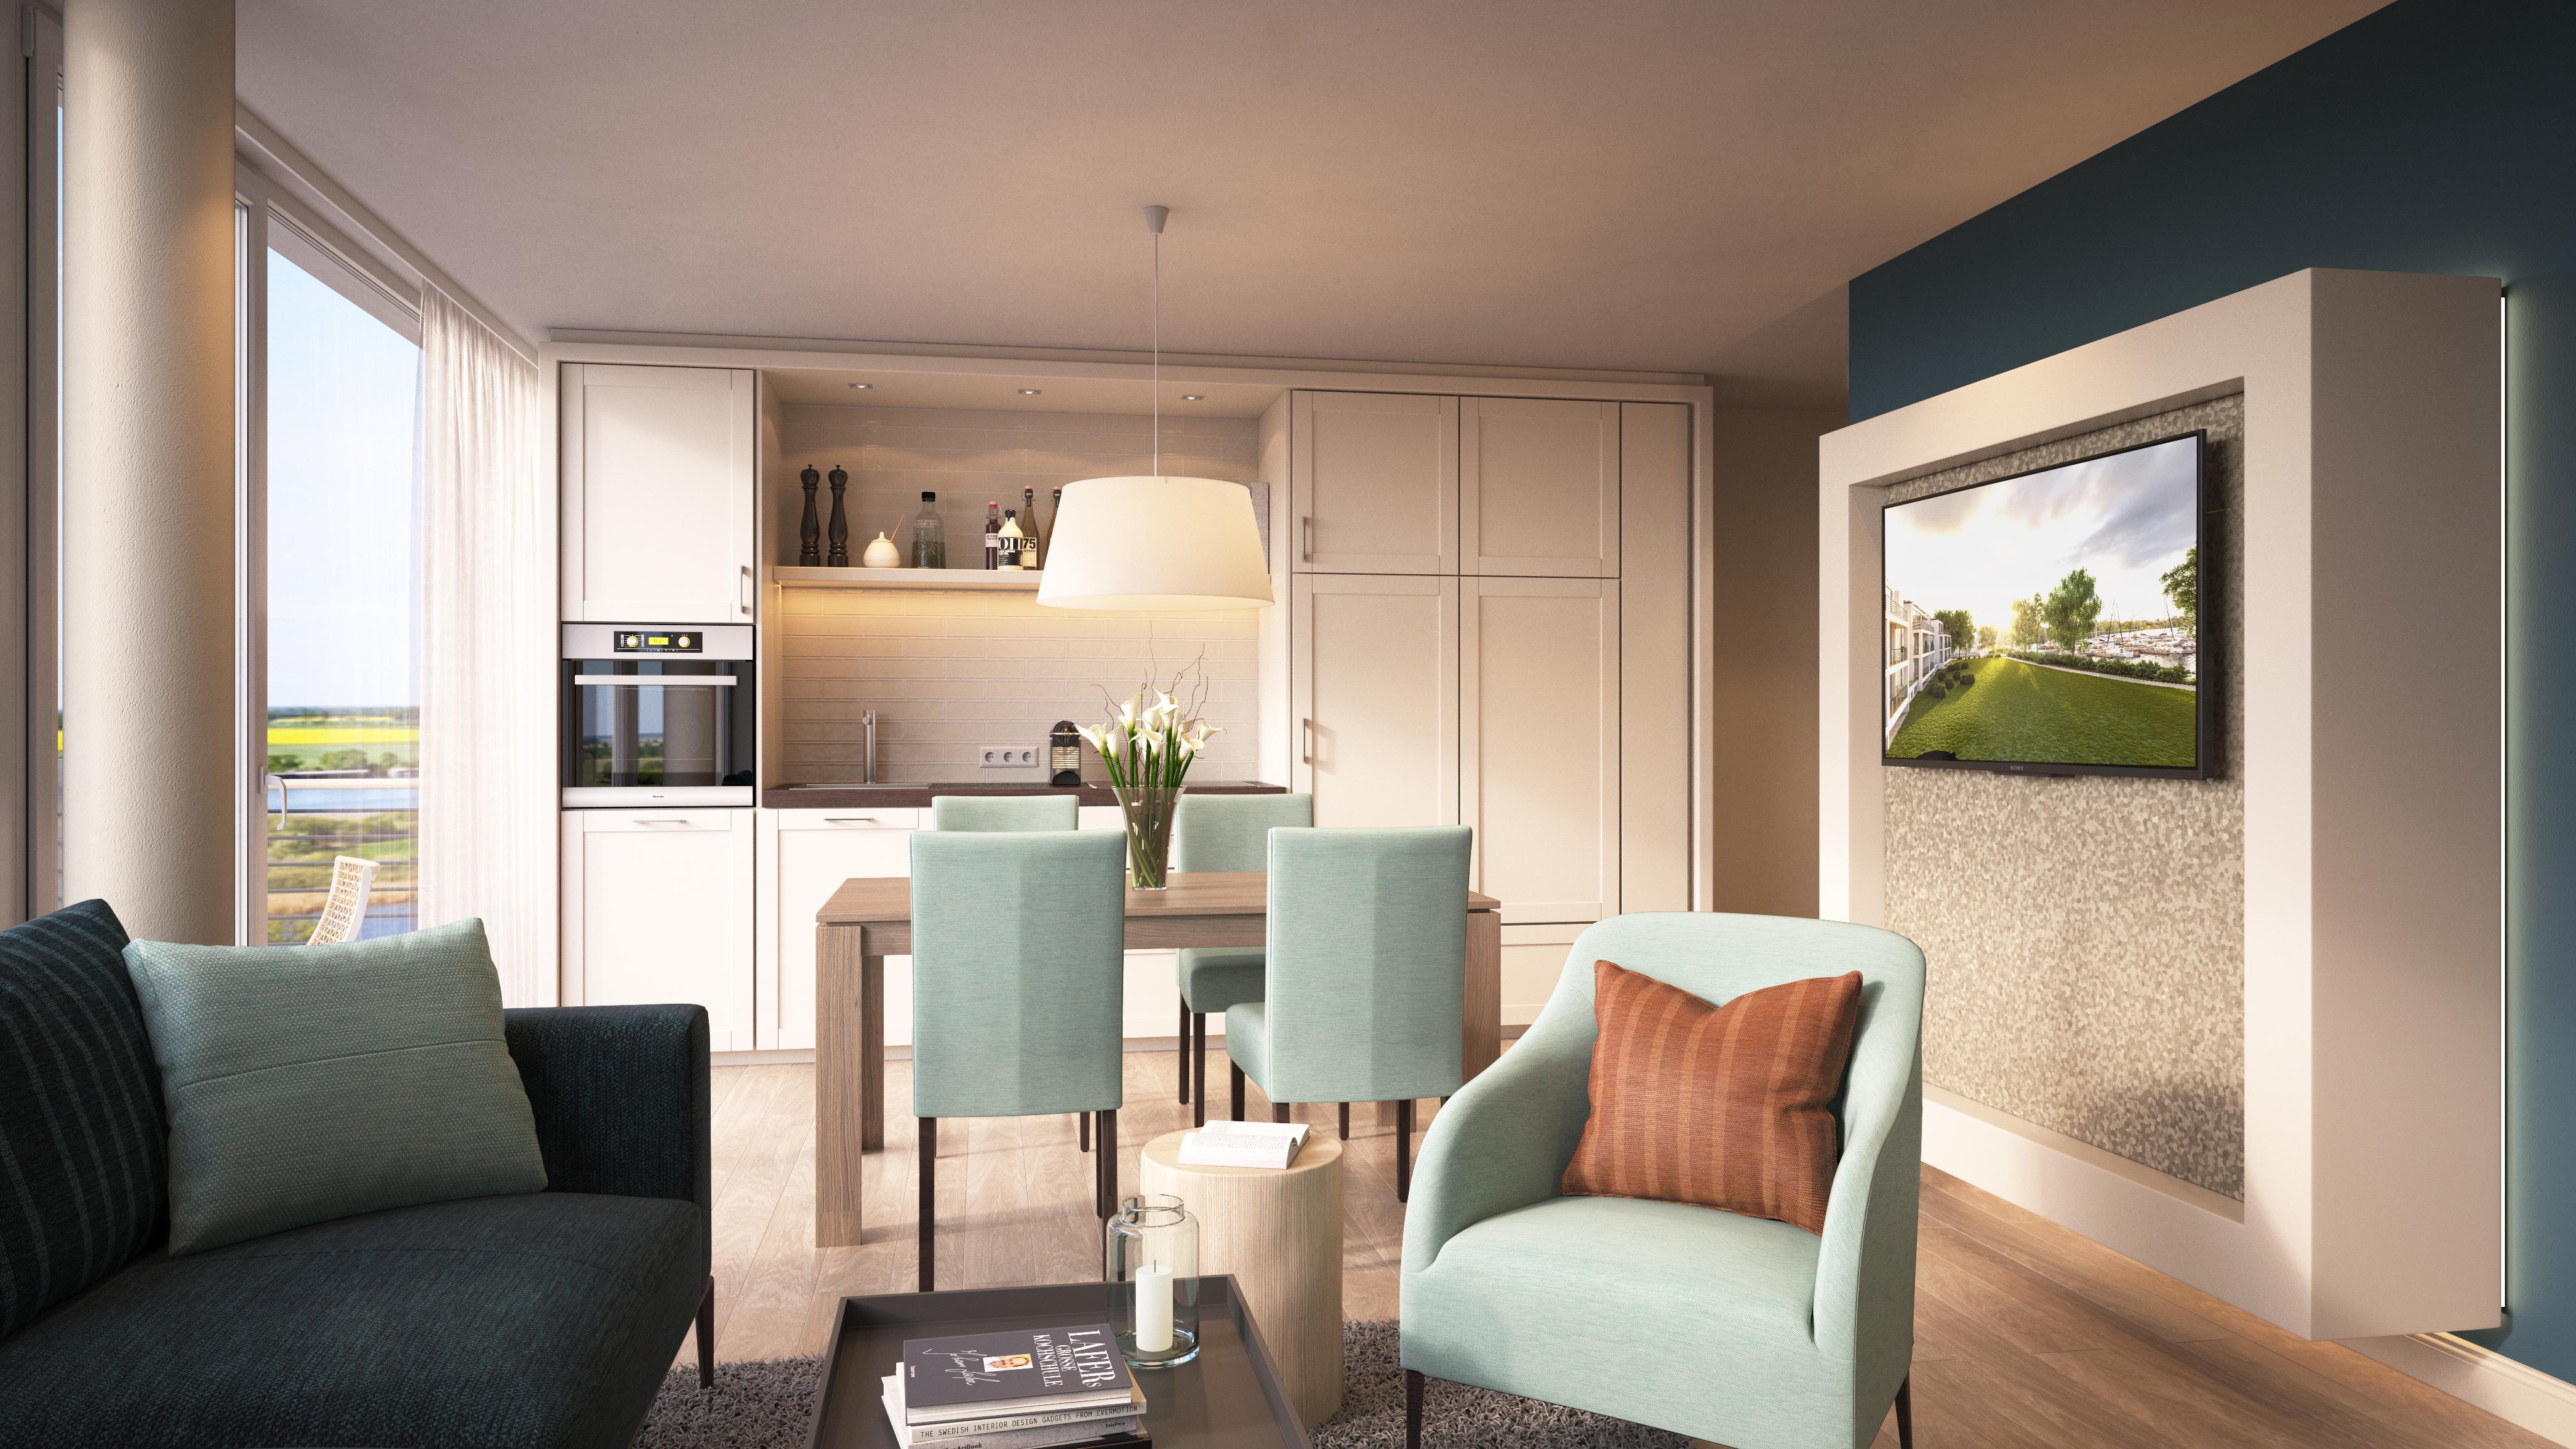 Wohnung Typ 1 mit 86 m²